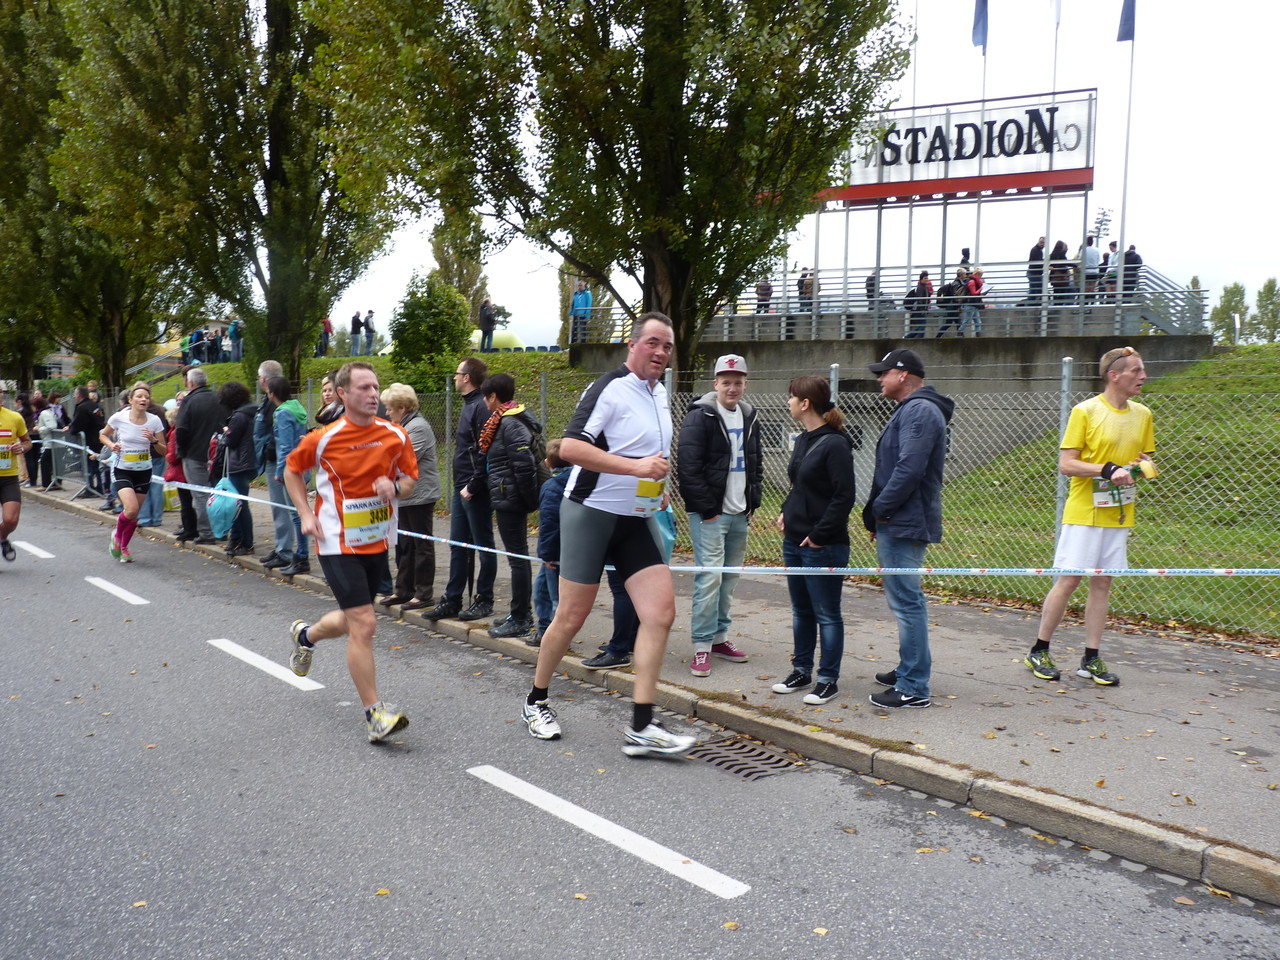 Bernd - Viertelmarathon in 1:32:43